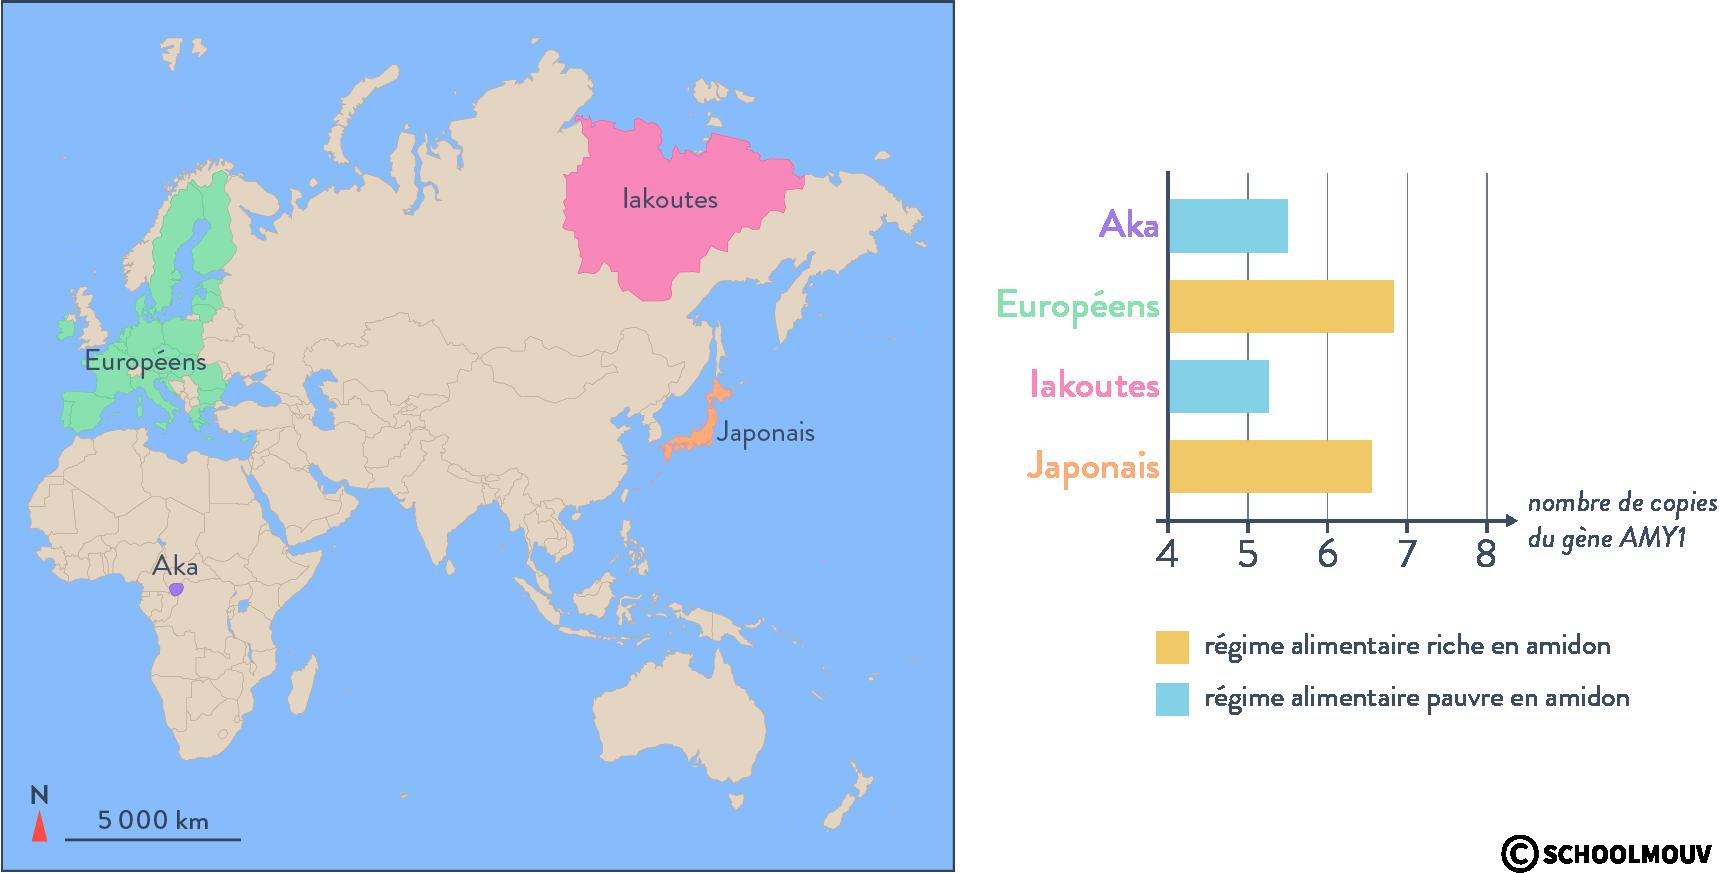 Nombre de copie du gène de l'amylase en fonction des populations